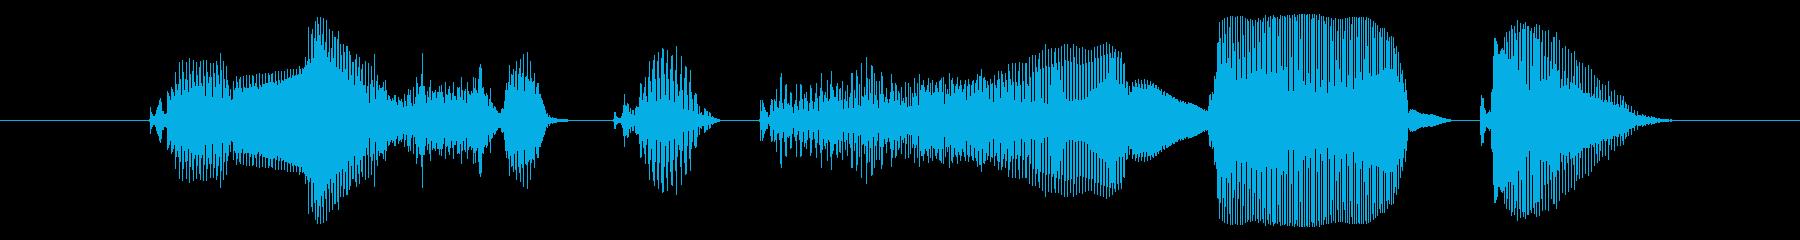 今すぐダウンロード!【②愛嬌/アニメ声】の再生済みの波形